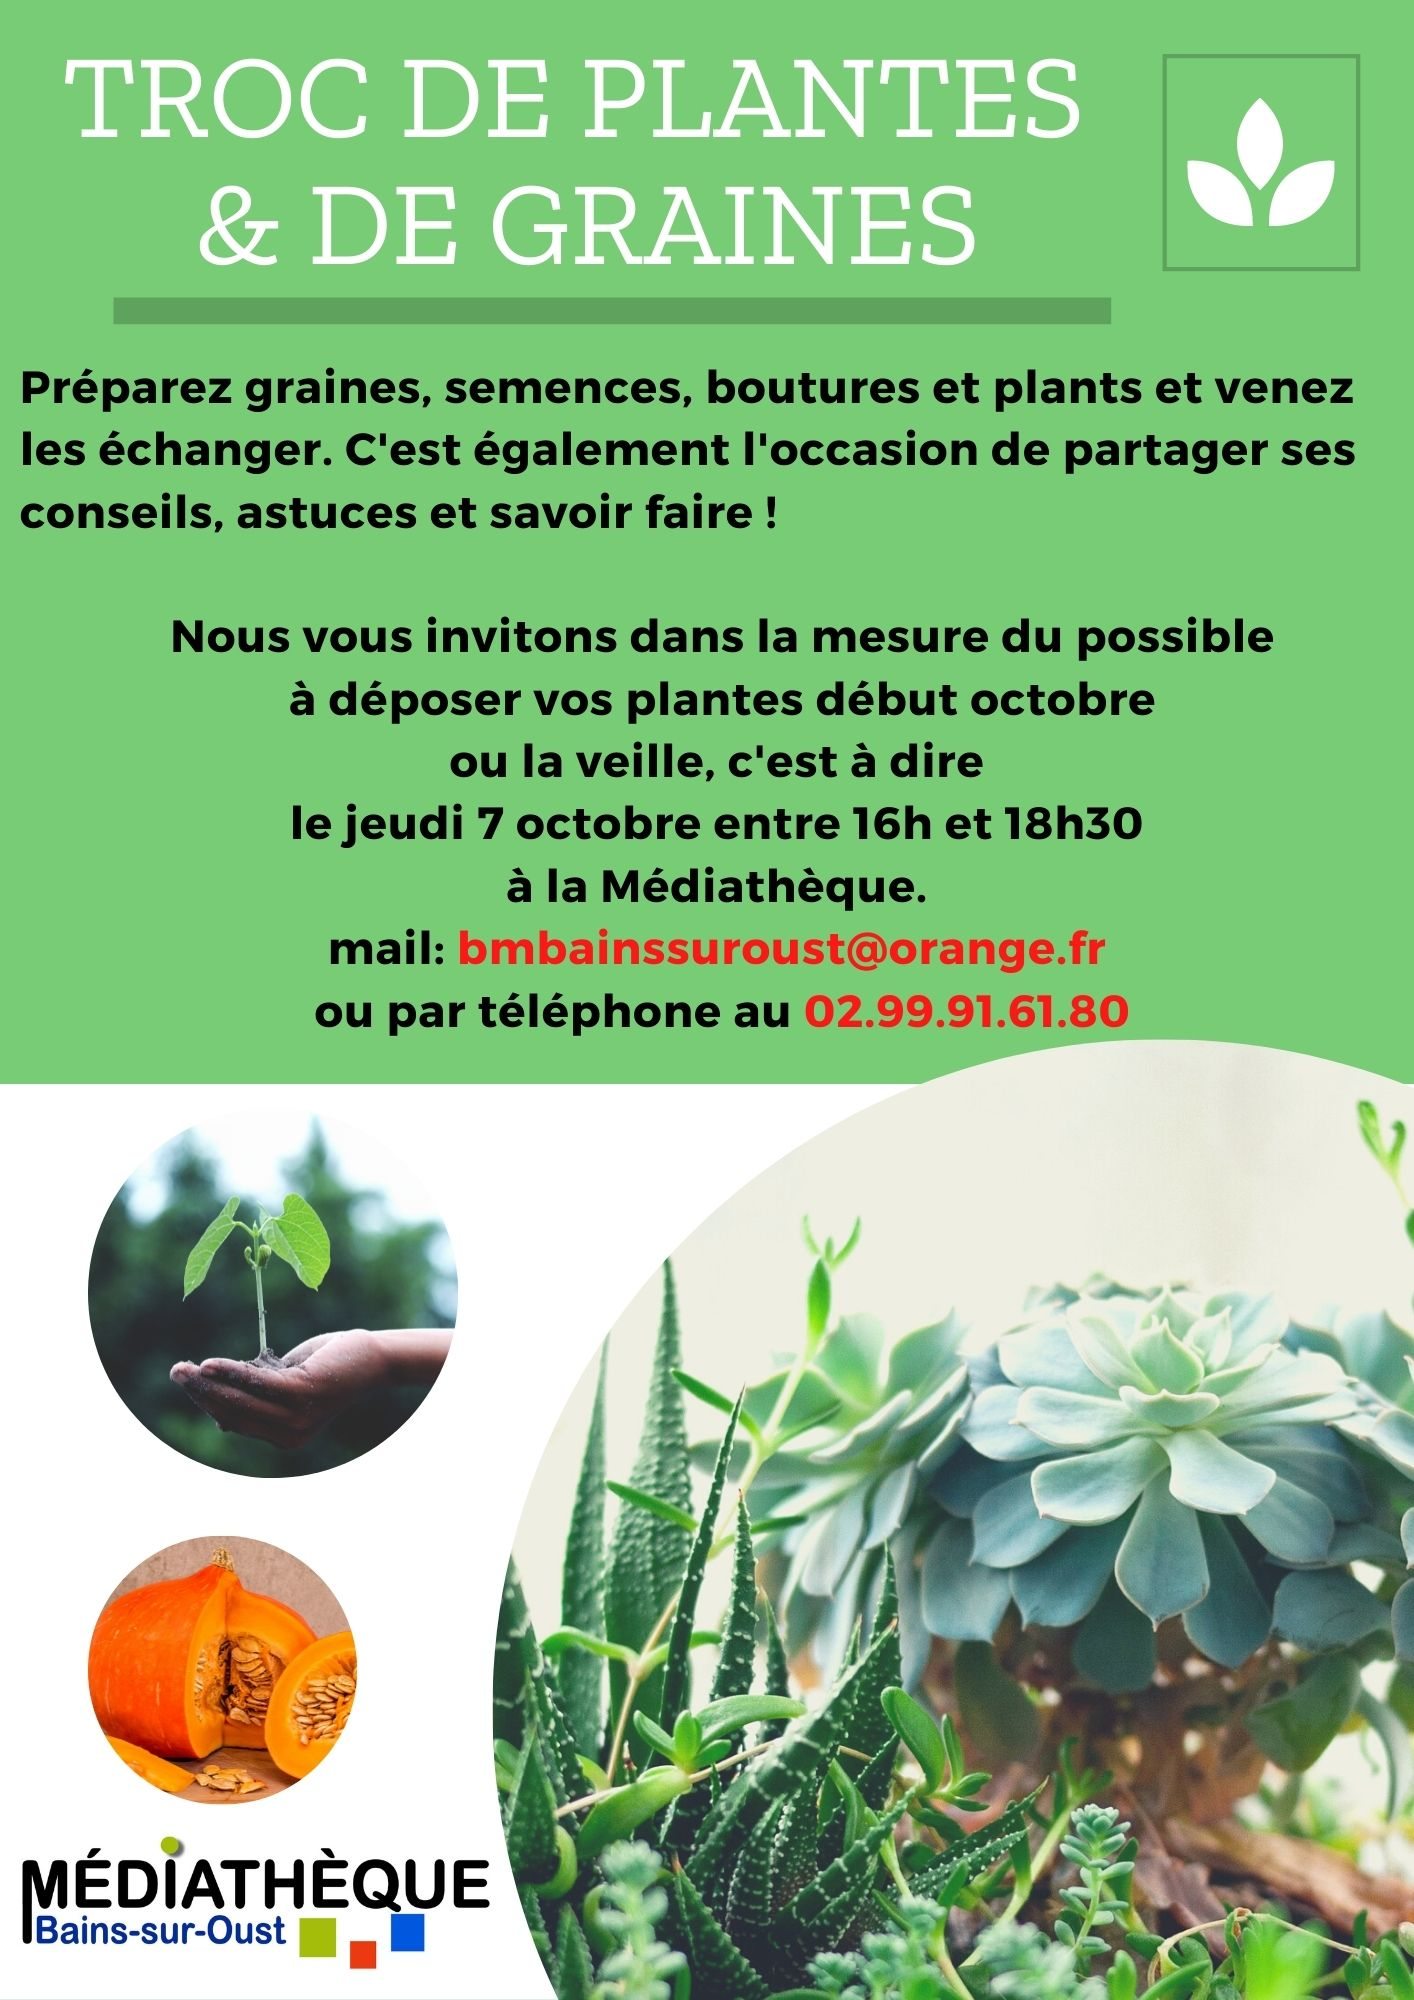 Troc plantes et graines